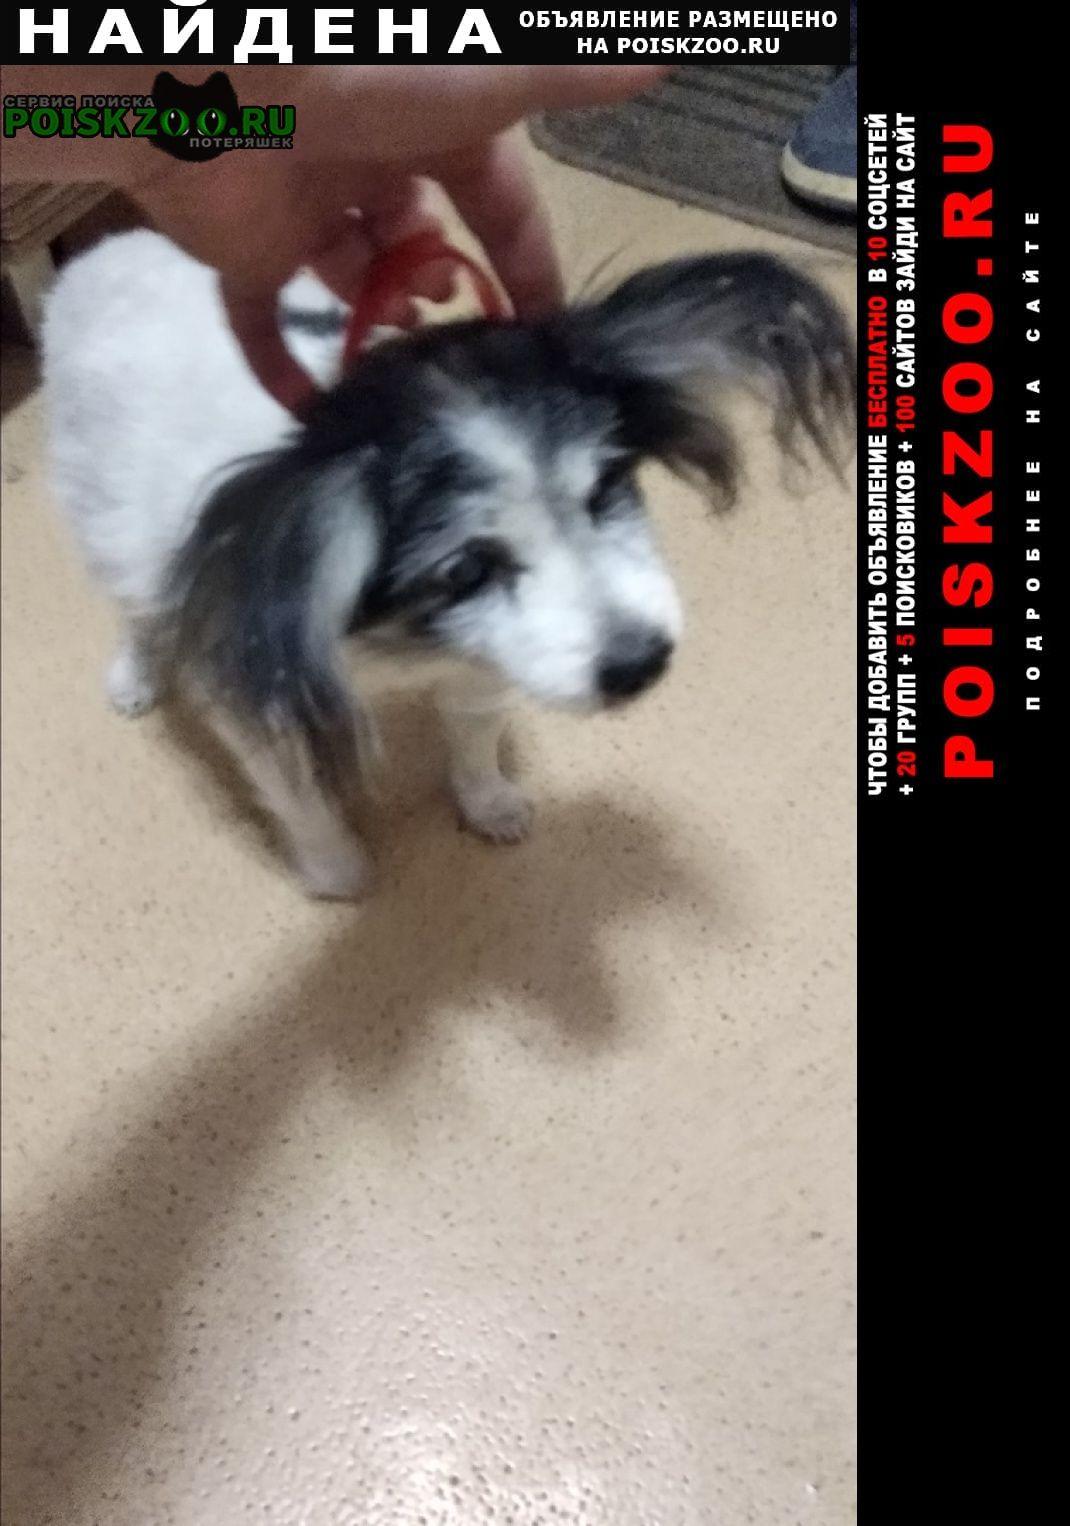 Найдена собака пожилой папильон г.Севастополь